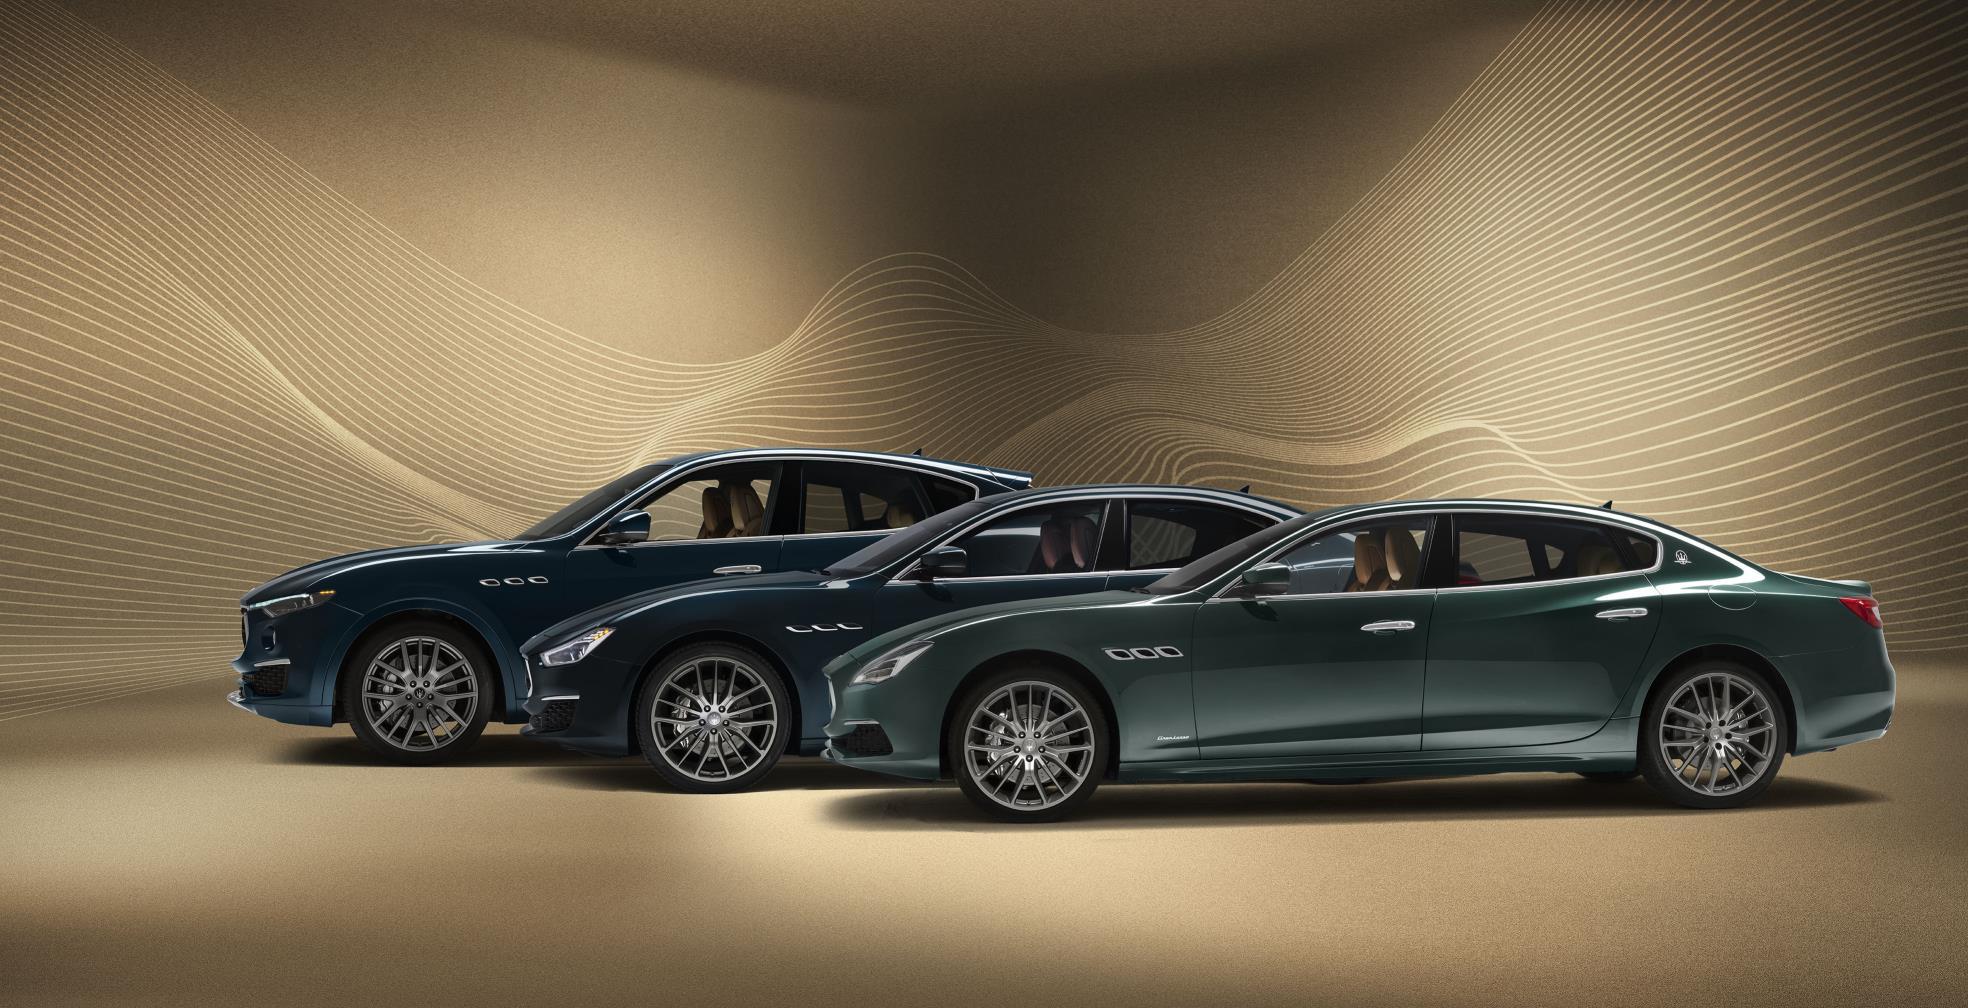 Итальянская компания решила вспомнить о «королевской» серии Royale, выпускавшейся в 1986-1990 гг., и представила сразу три модели в данном исполнении.